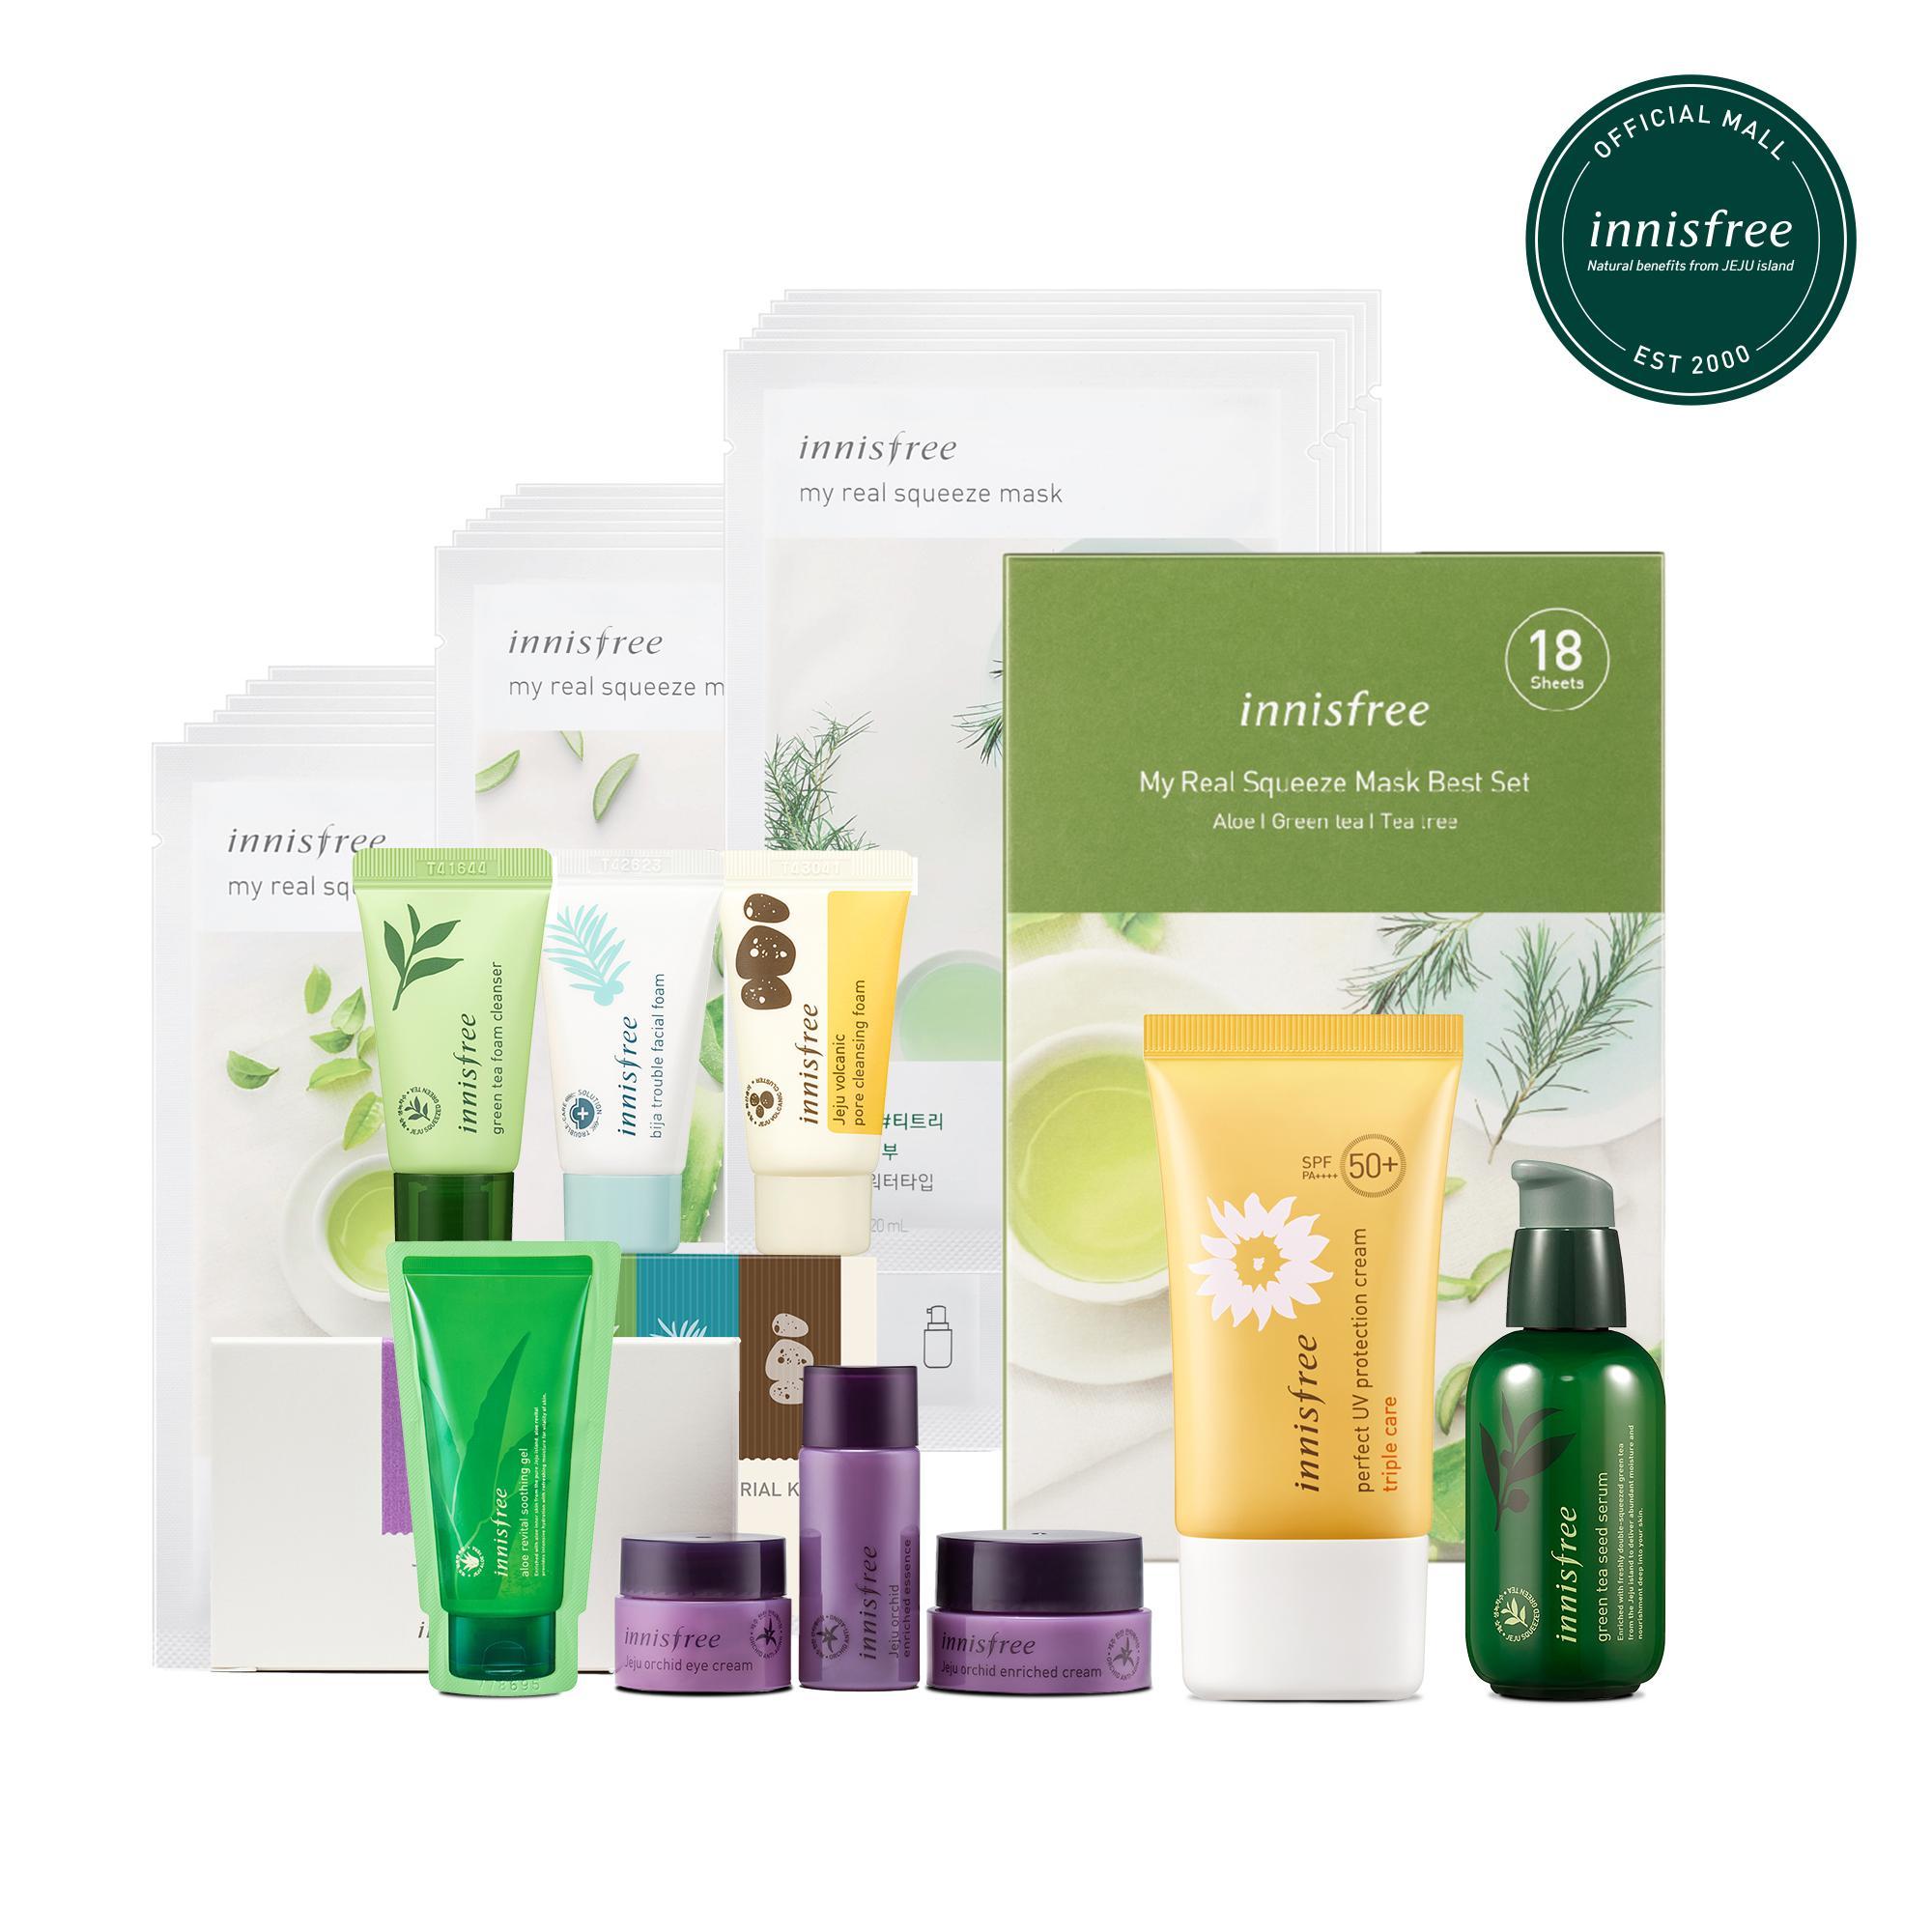 Bộ sản phẩm chăm sóc dưỡng ẩm chống nắng toàn diện Innisfree Green Tea Seed Serum 80ml + Innisfree My Real Squeeze Mask Set 20ml*18 + Innisfree Perfect UV Protection Cream Triple Care 50ml SPF50 PA++++ nhập khẩu